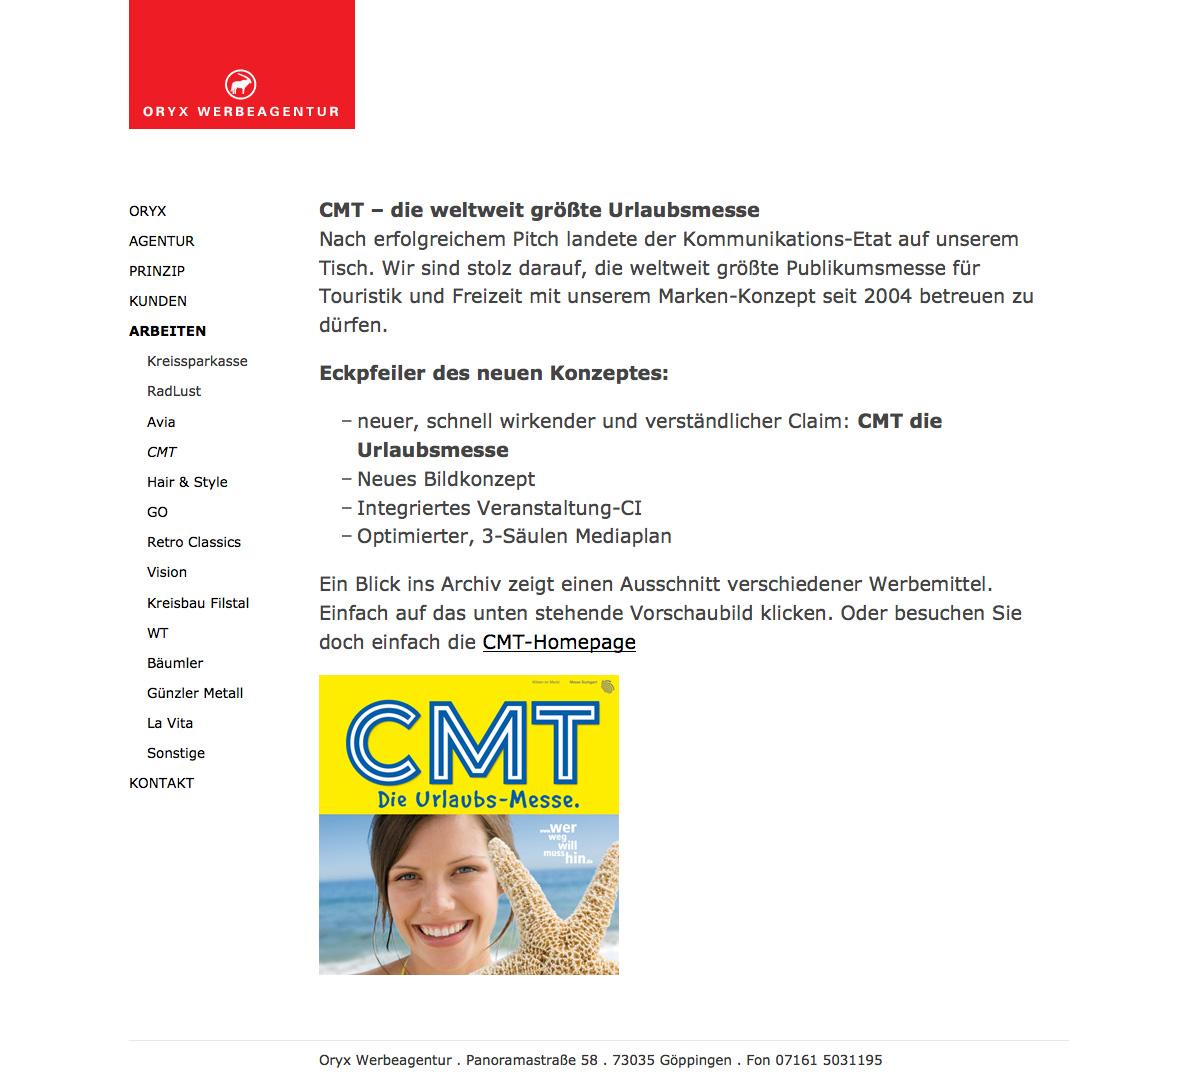 Oryx Werbeagentur in Göppingen